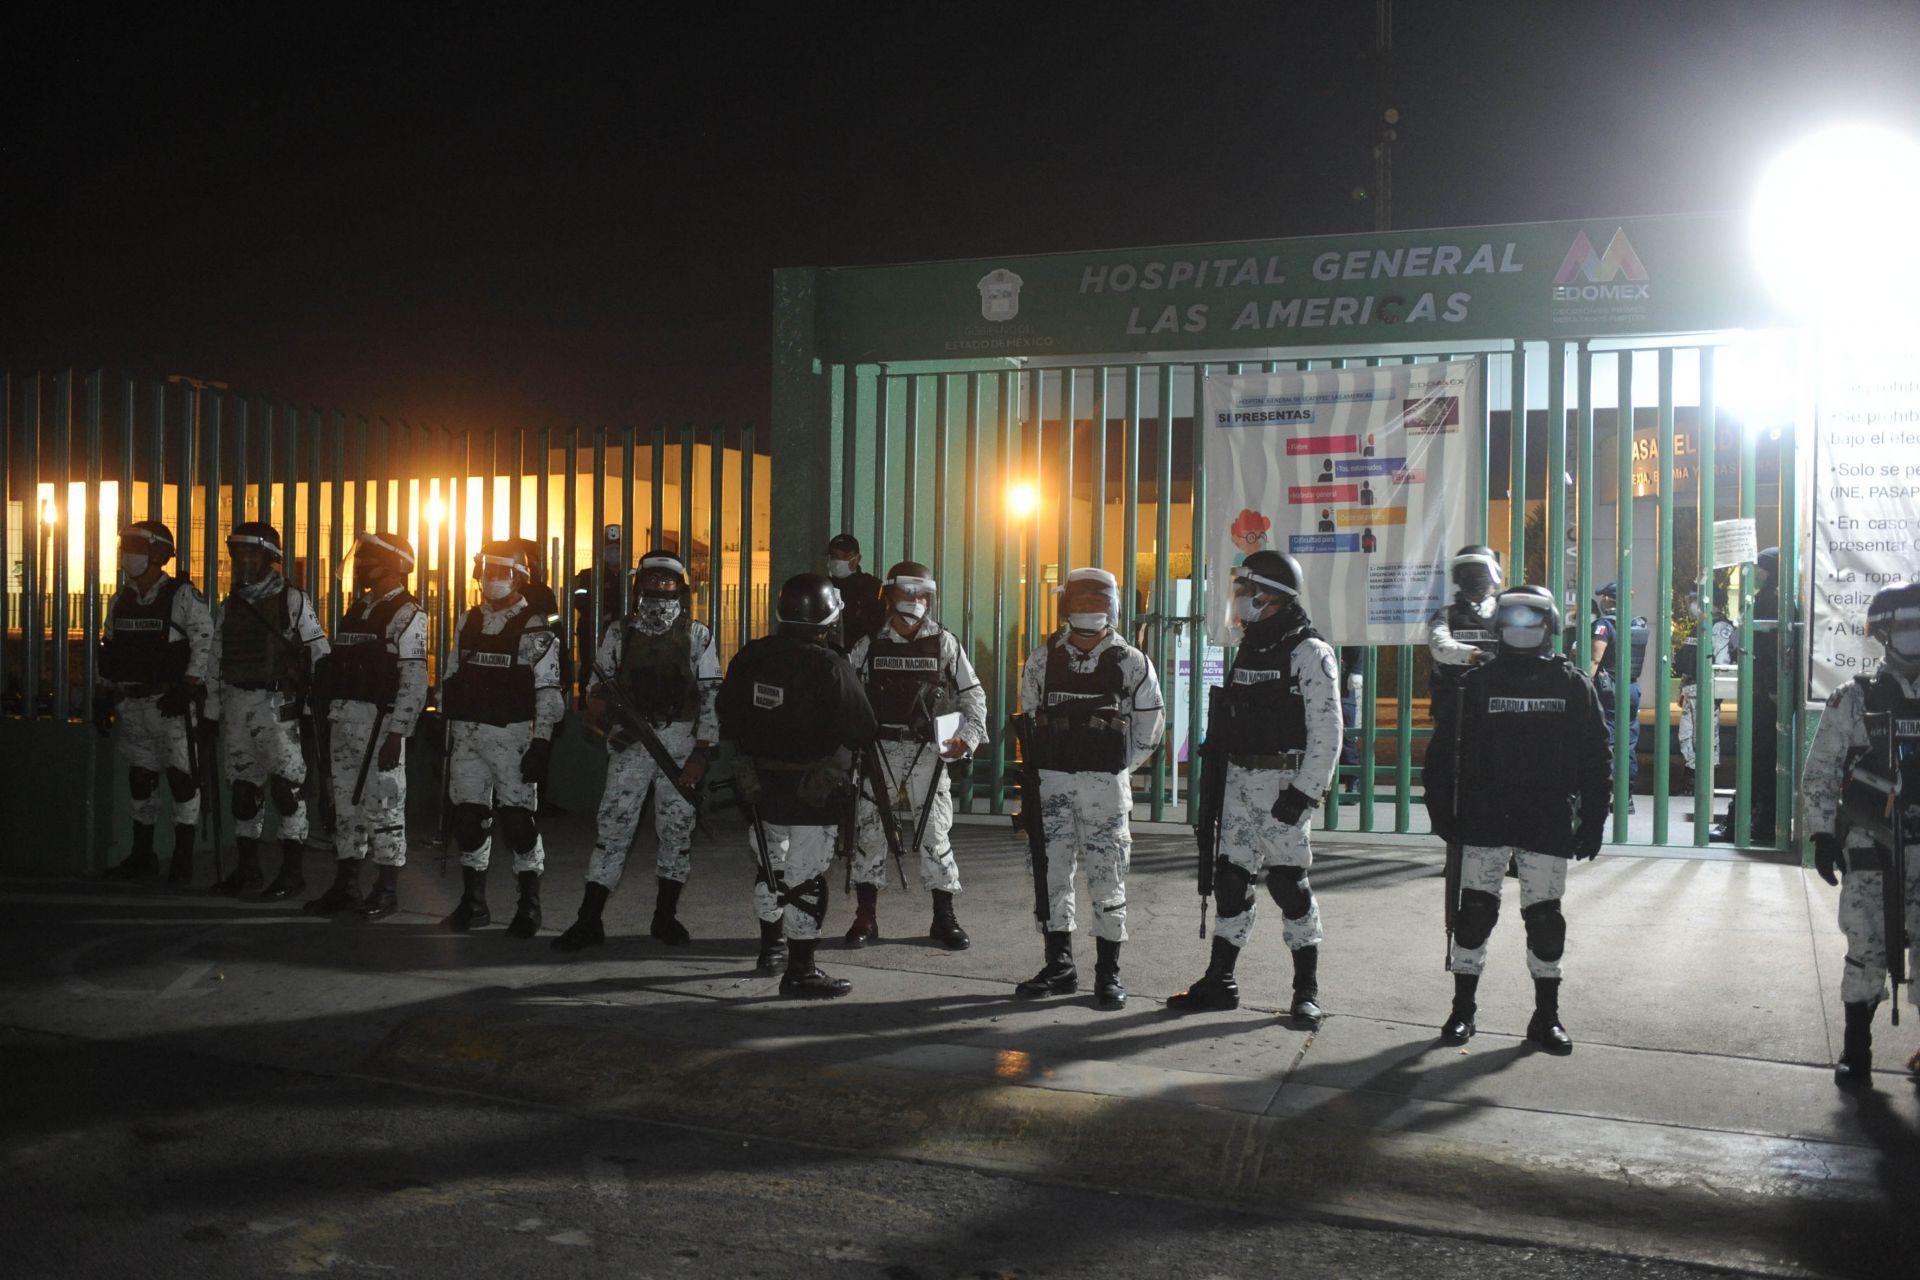 Familiares de pacientes del Hospital Las Américas en Ecatepec cerraron Avenida Central